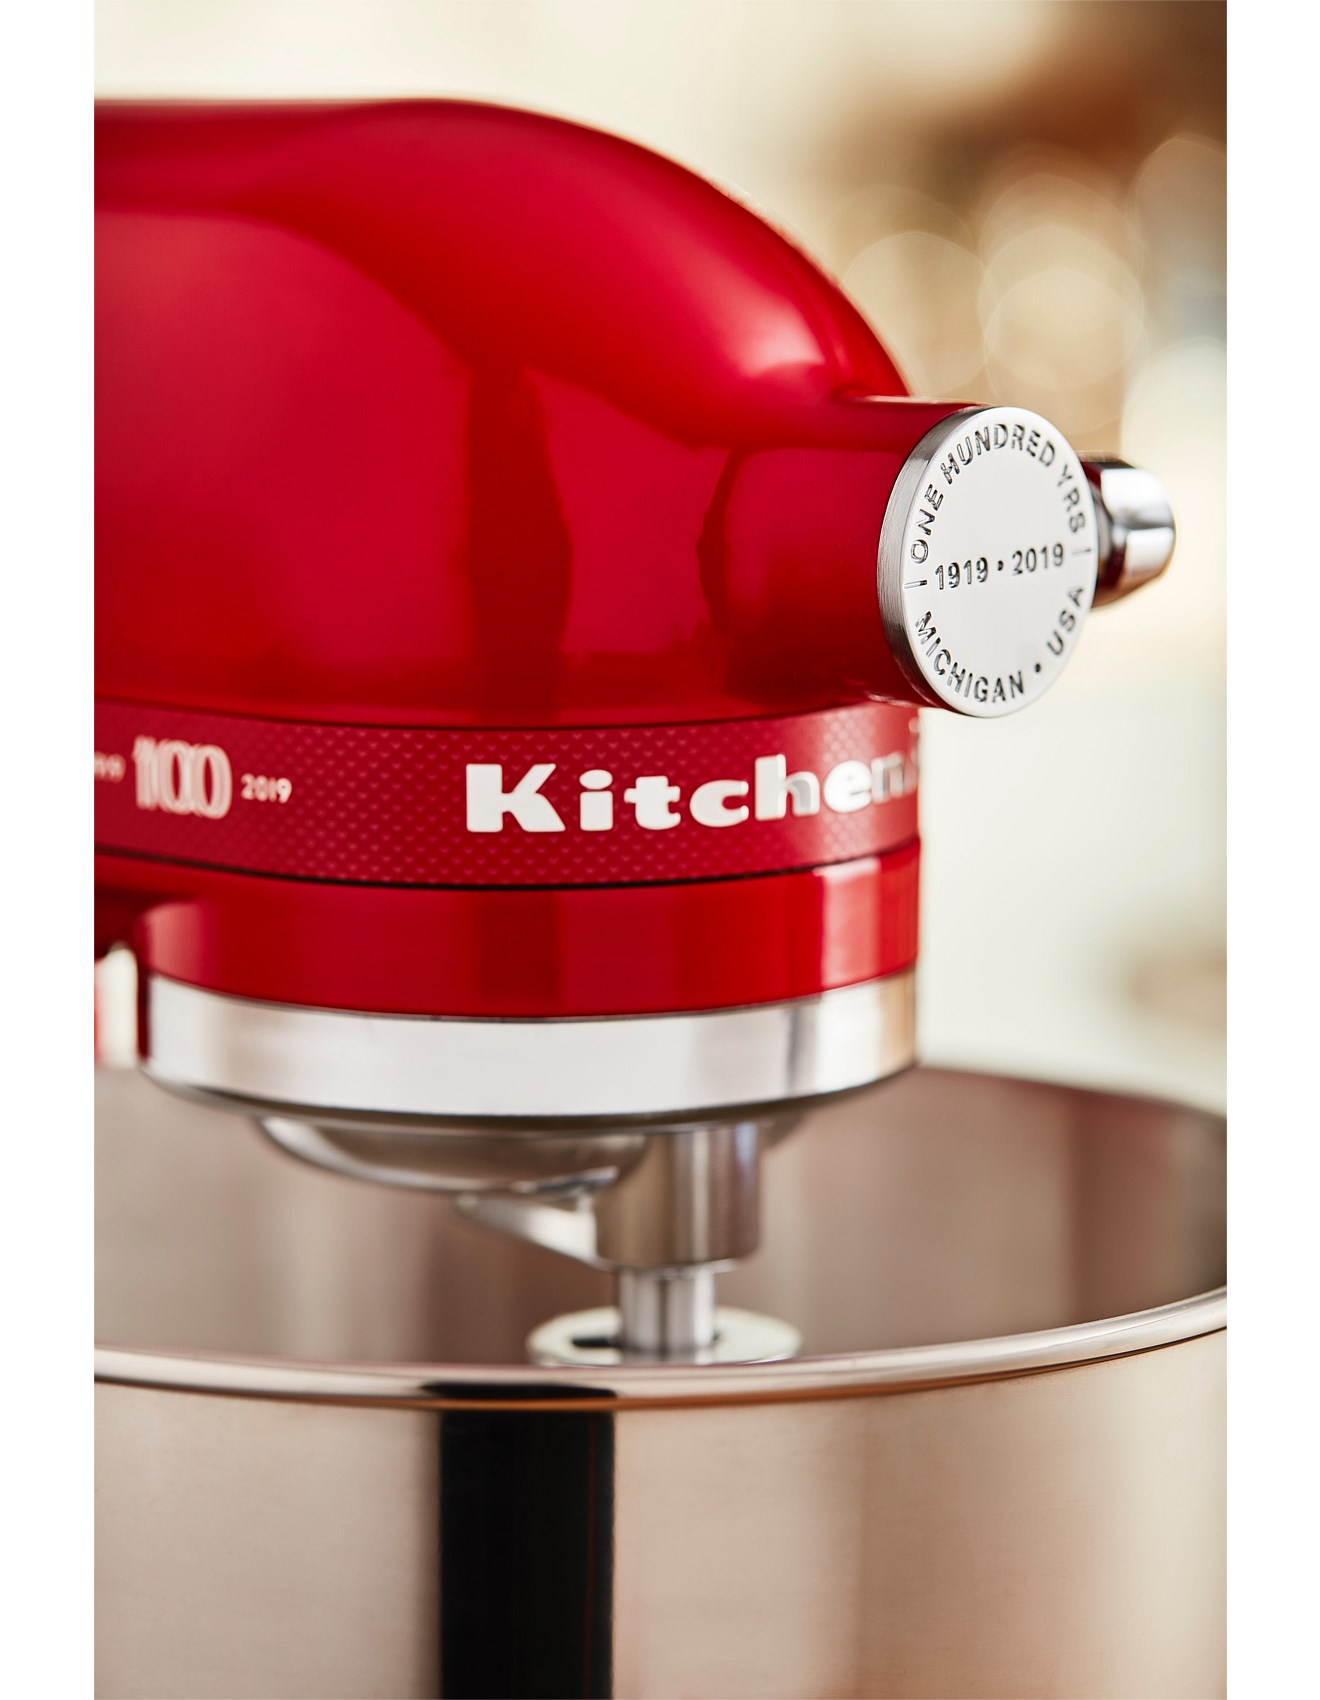 Kitchenaid Kitchenaid Mixers Processors Online David